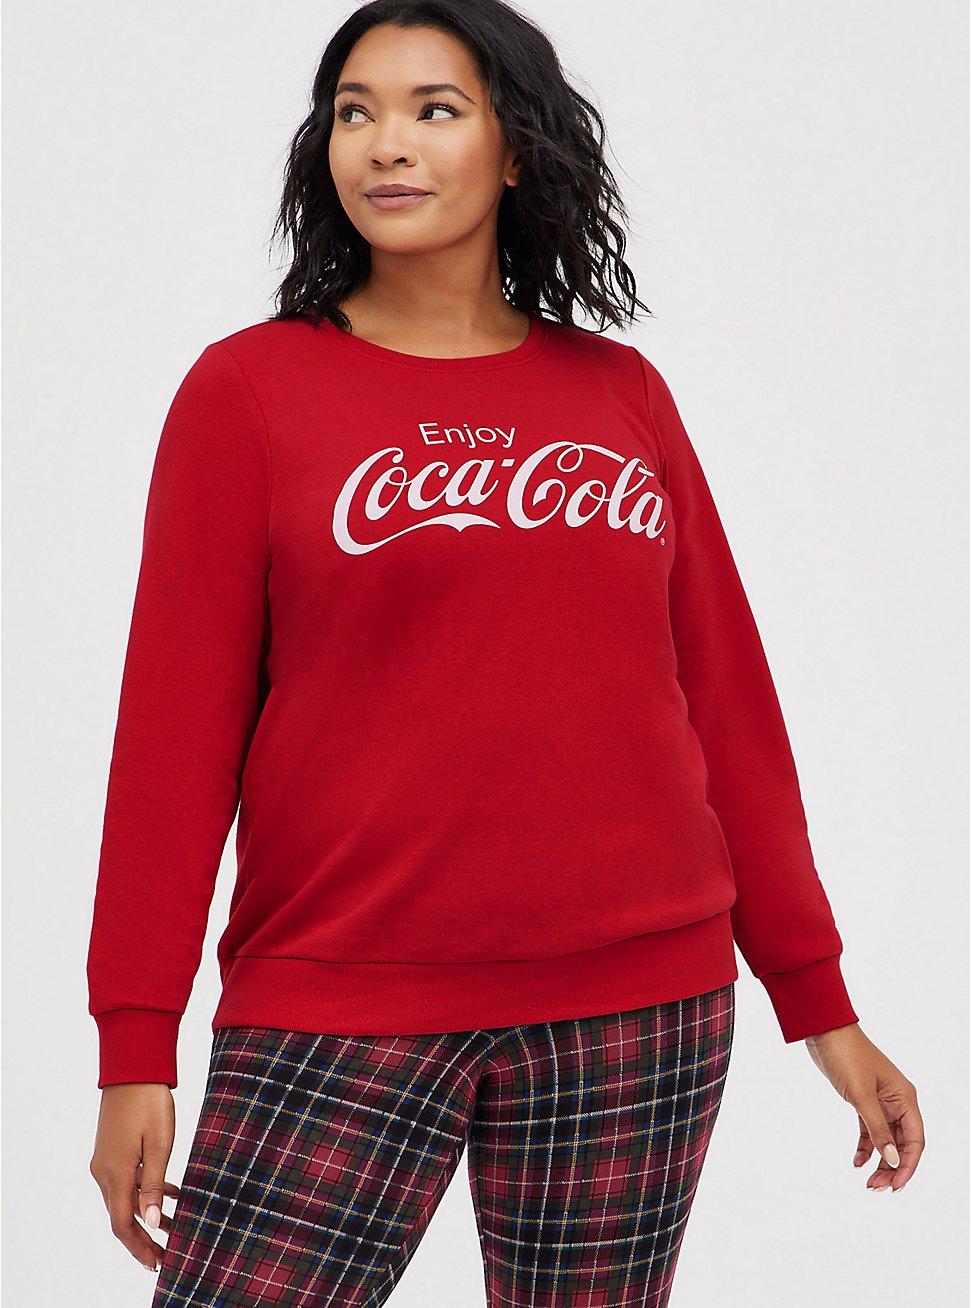 Sweatshirt - Fleece Coca Cola Red, JESTER RED, hi-res